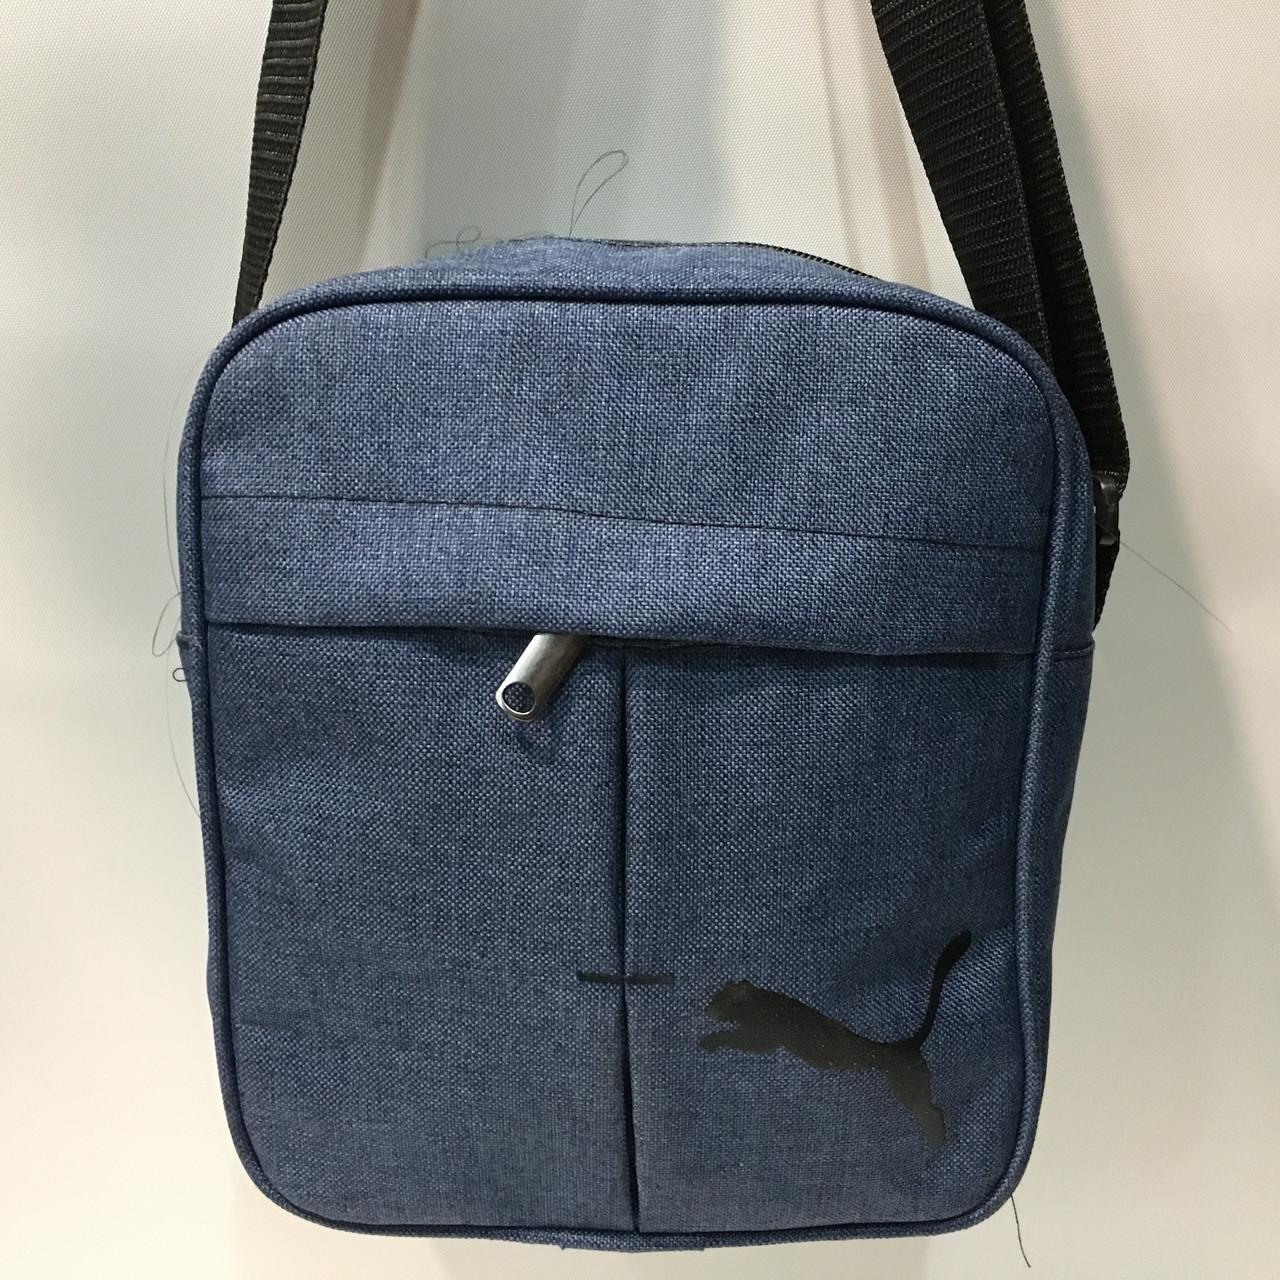 f1cbe3e629c0 Высококачественная мужская сумка через плече. Удобная, практичная сумка. Мужская  сумка (Puma)